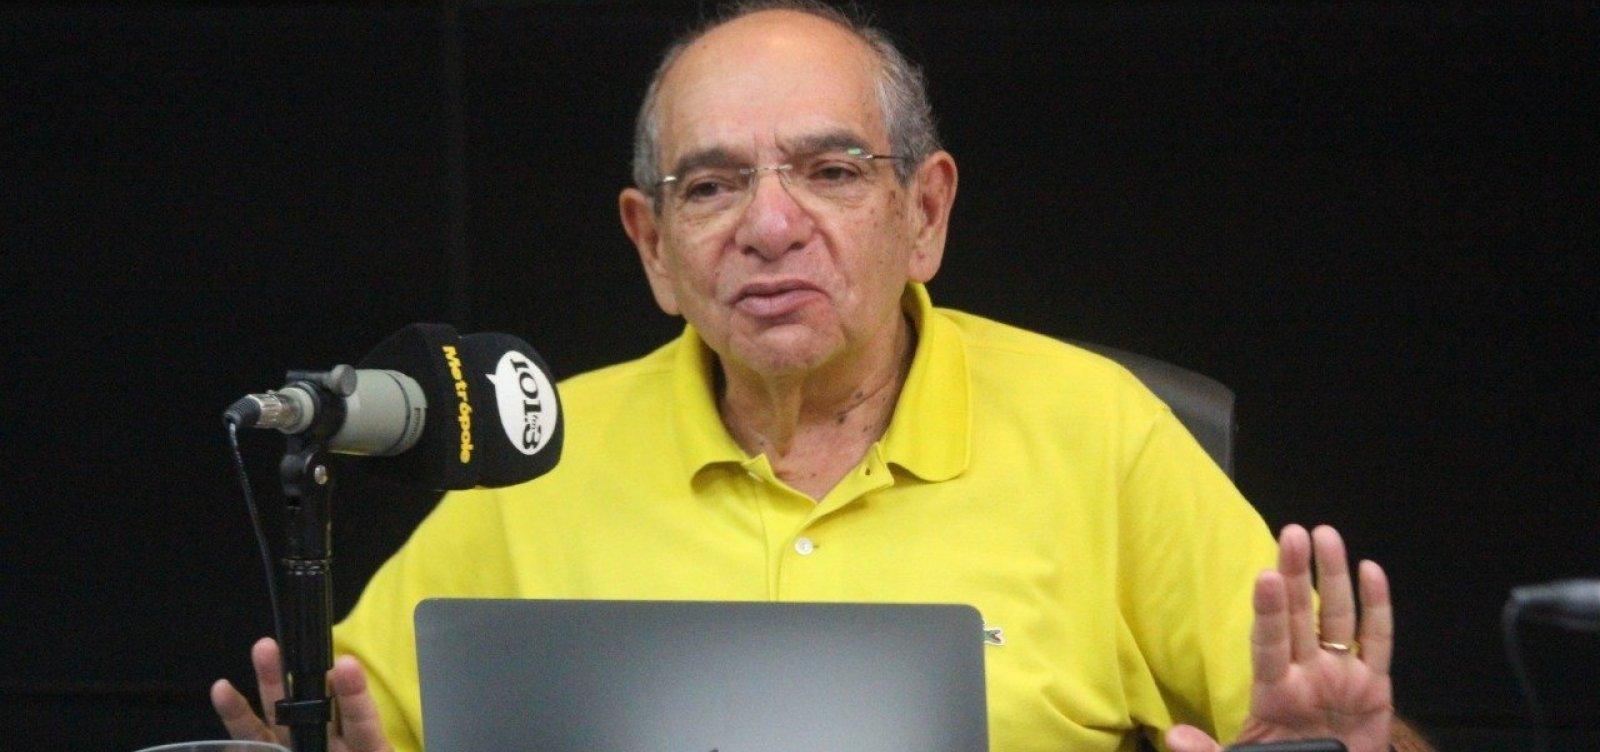 MK cita 'complexidade' da eleição americana e critica debates atuais: 'Valor zero'